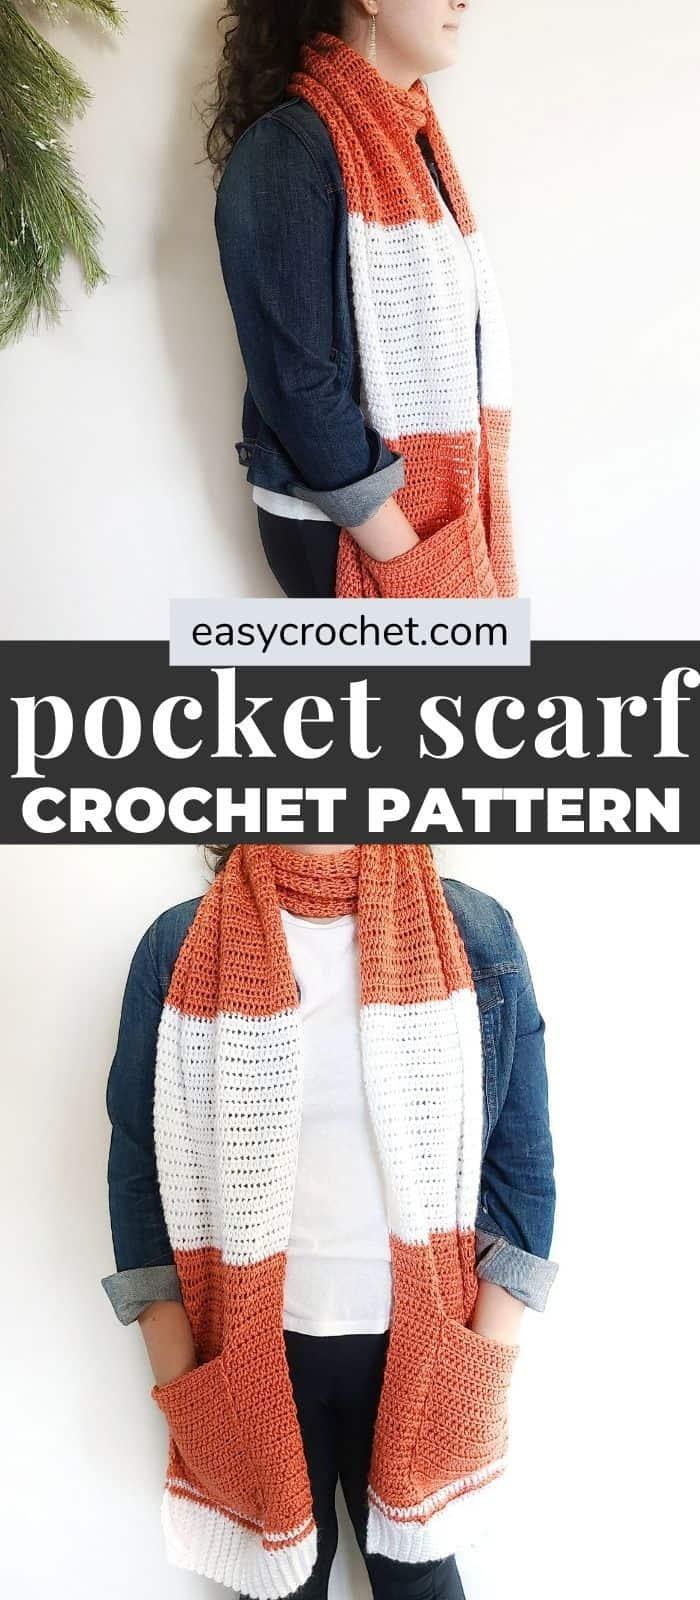 Pocket Shawl Crochet Pattern from EasyCrochet.com a FREE crochet pattern. via @easycrochetcom